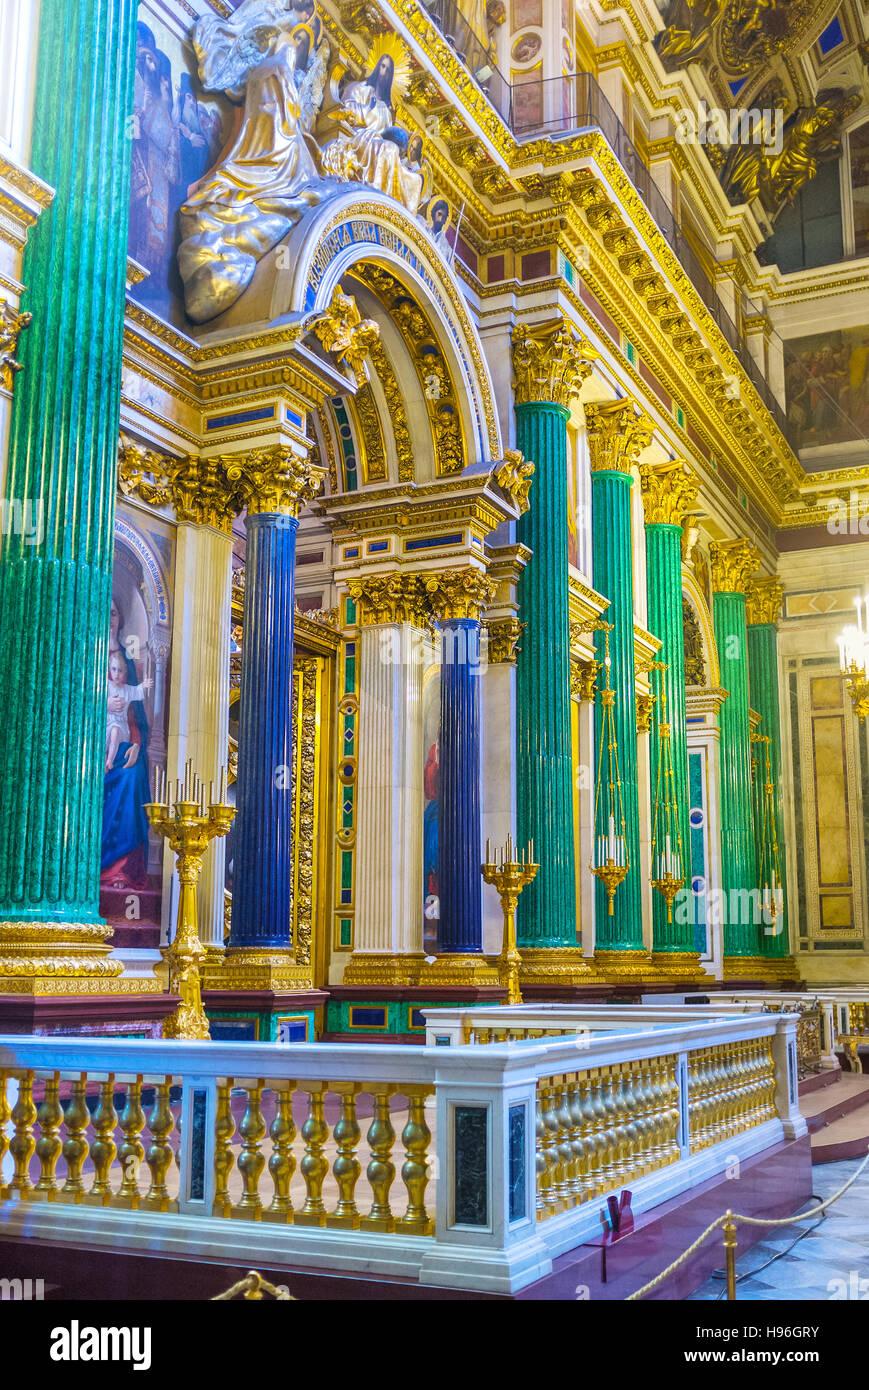 El iconostasio de la Catedral de San Isaac está enmarcada por columnas de piedra semipreciosa, malaquita verde y azul lazurite Foto de stock